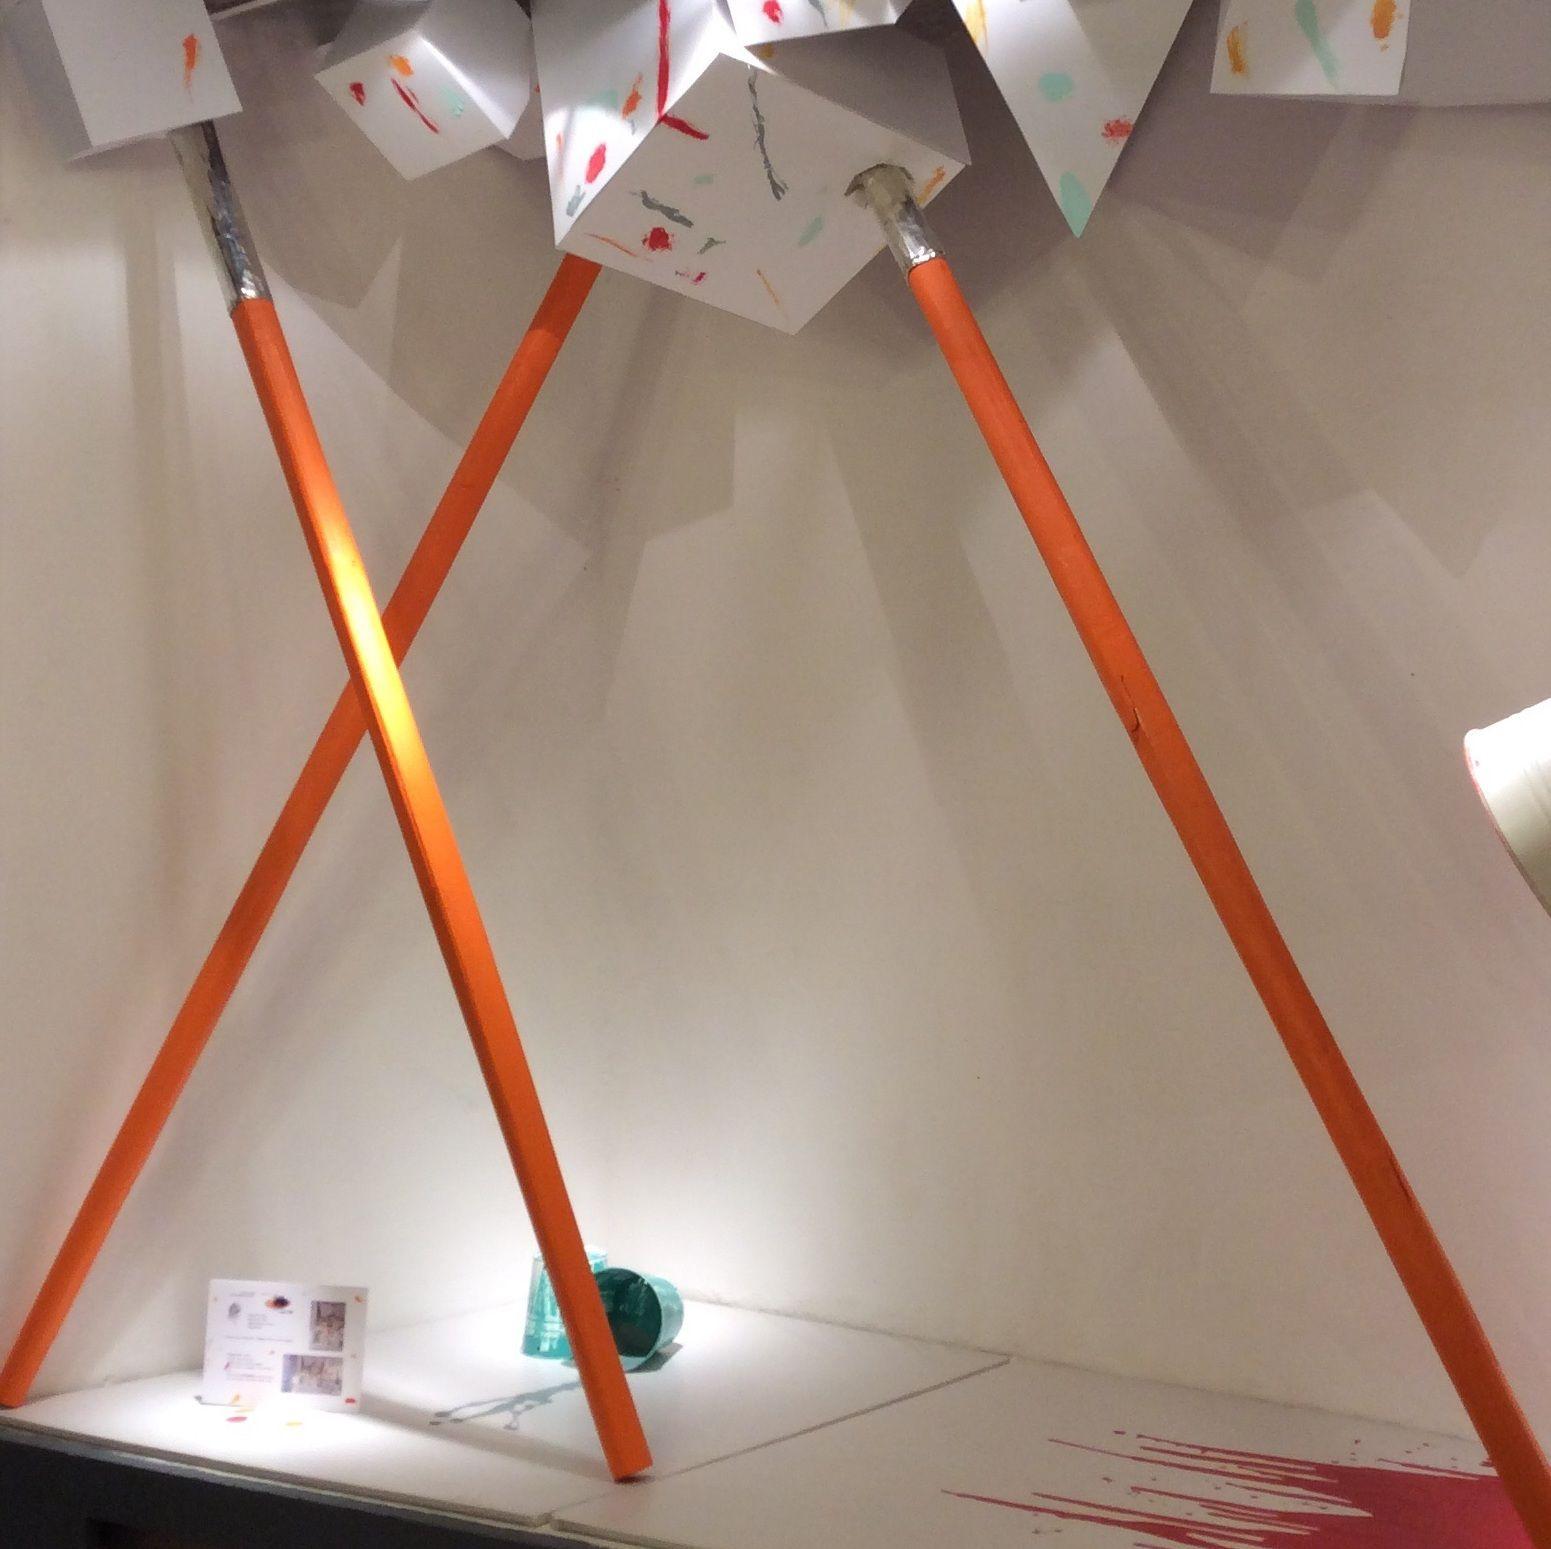 #Ártidi #escaparate #granformato #artistascontemporaneos #KarinaWiciak Realizado por los alumnos del Grupo I, del Máster de Escaparatismo y Visual Merchandising